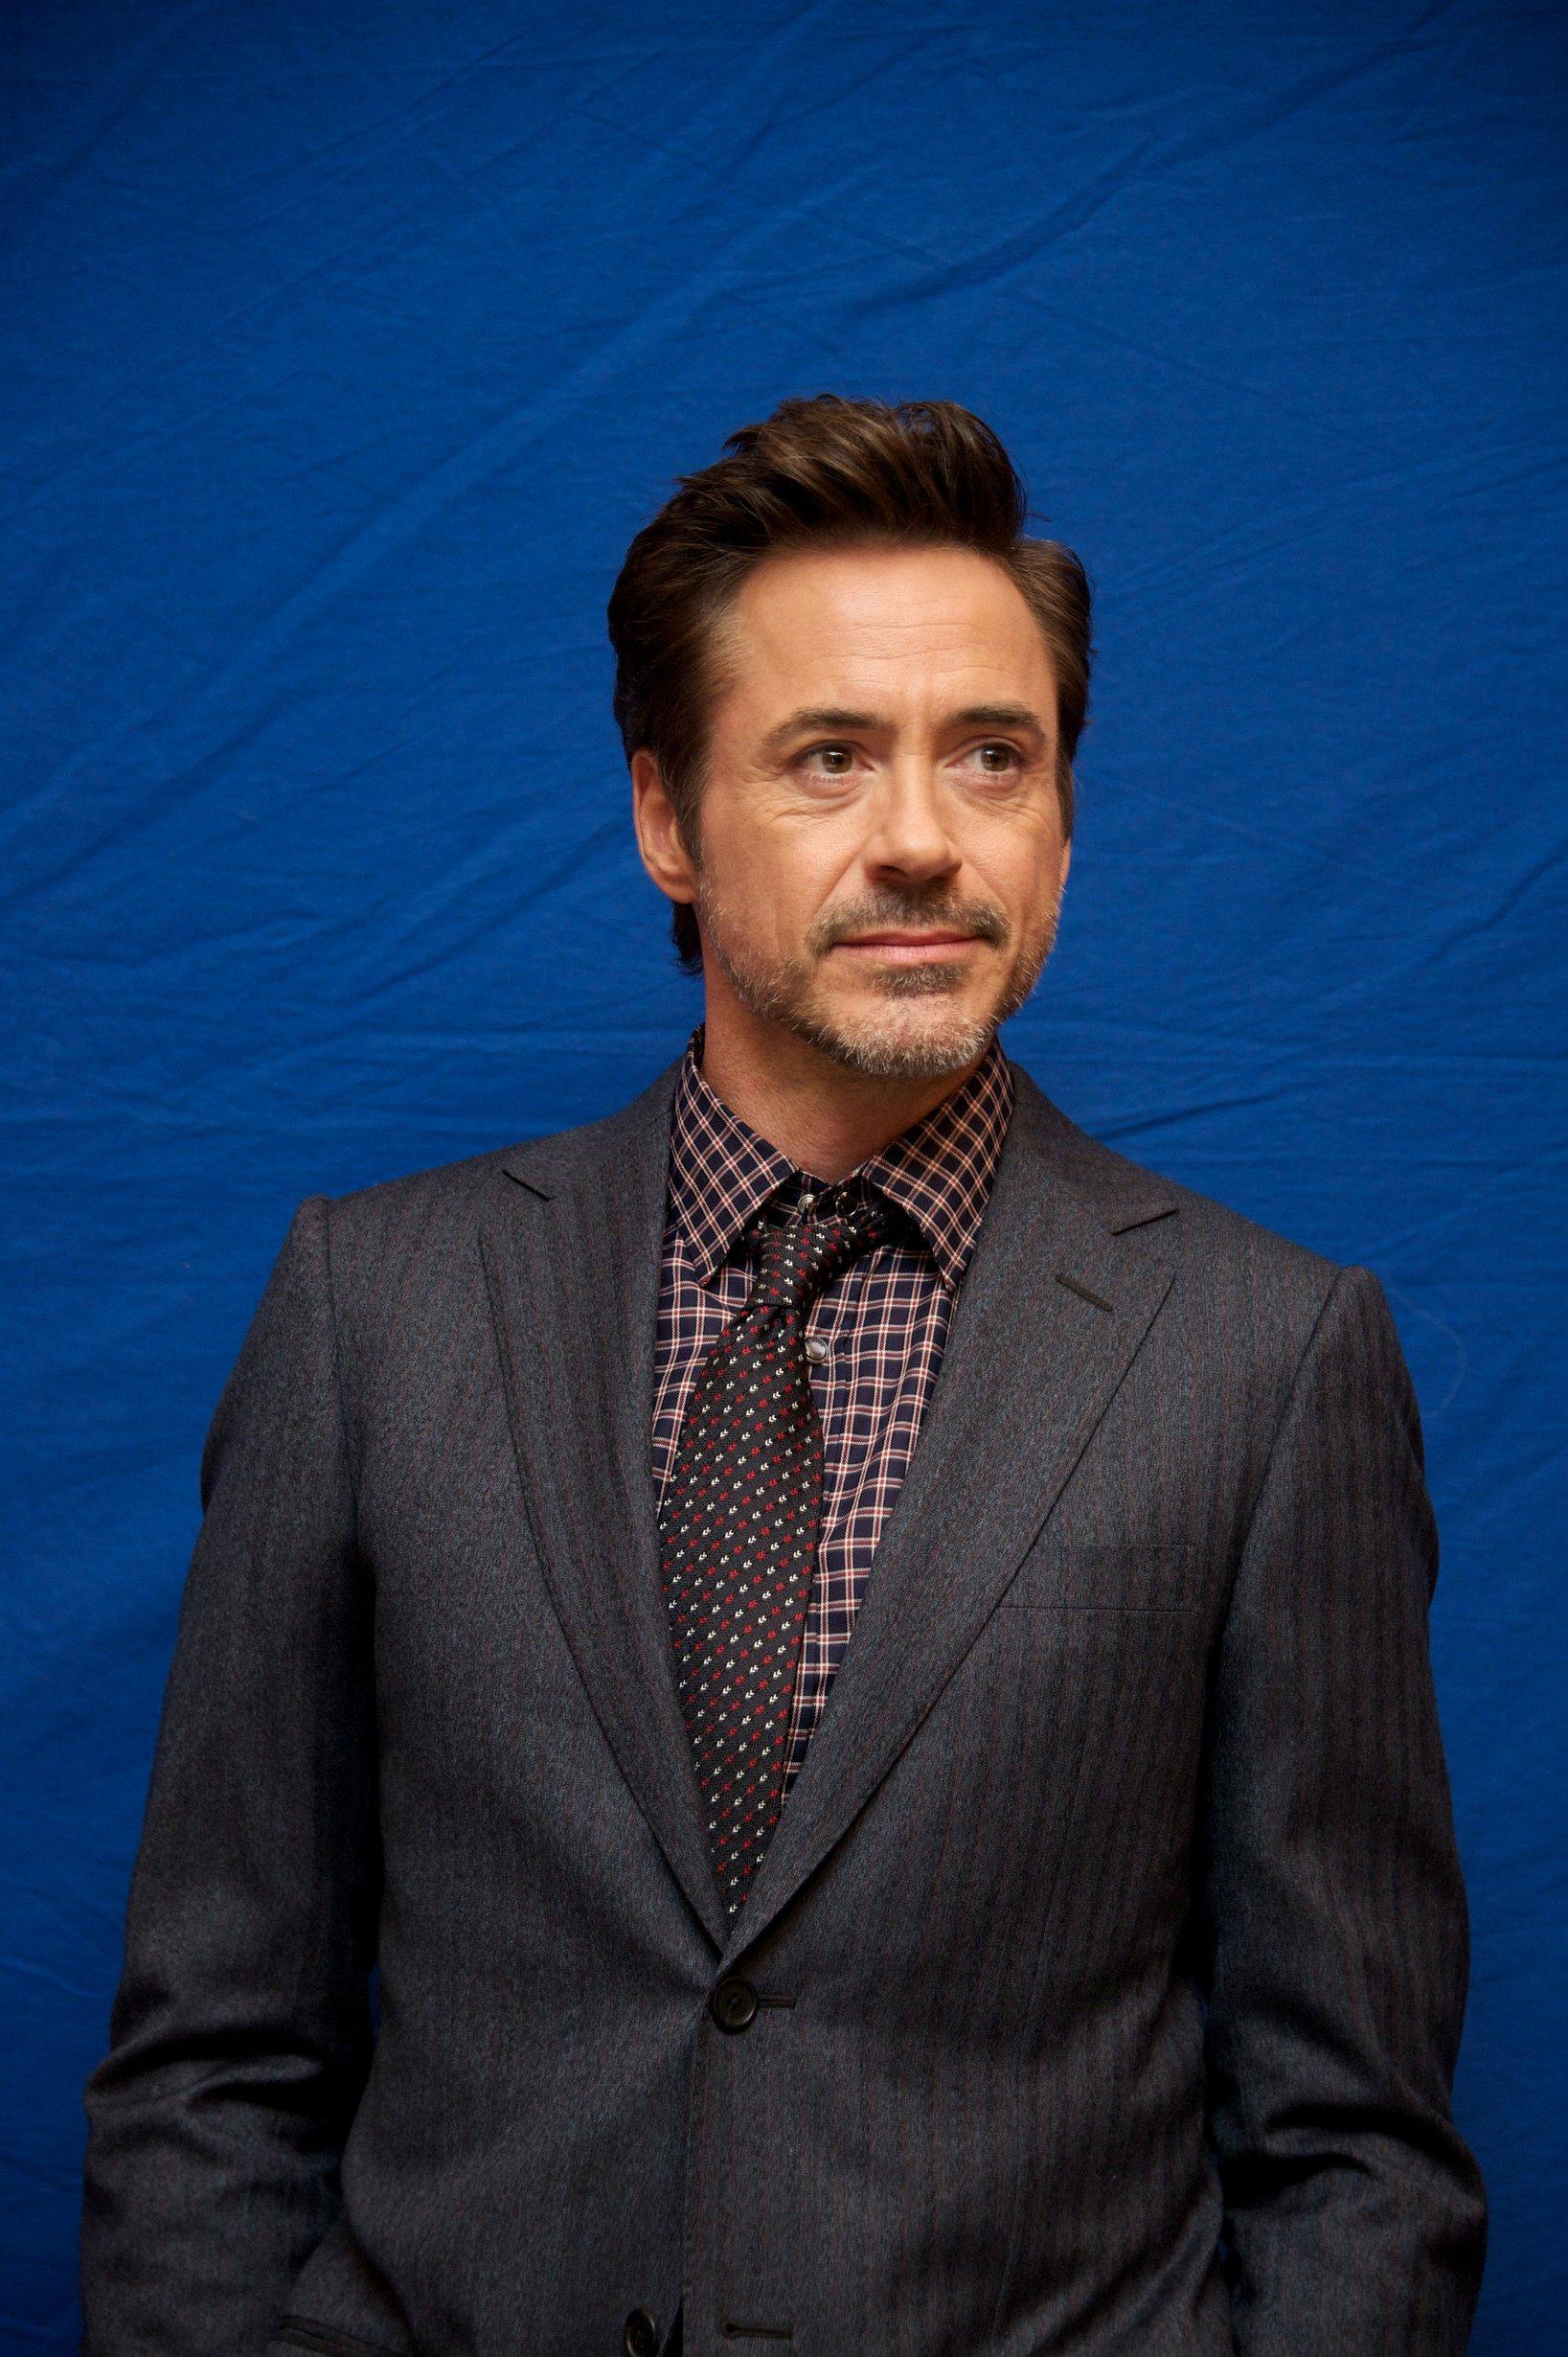 Robert Downey Jr. phot... Robert Downey